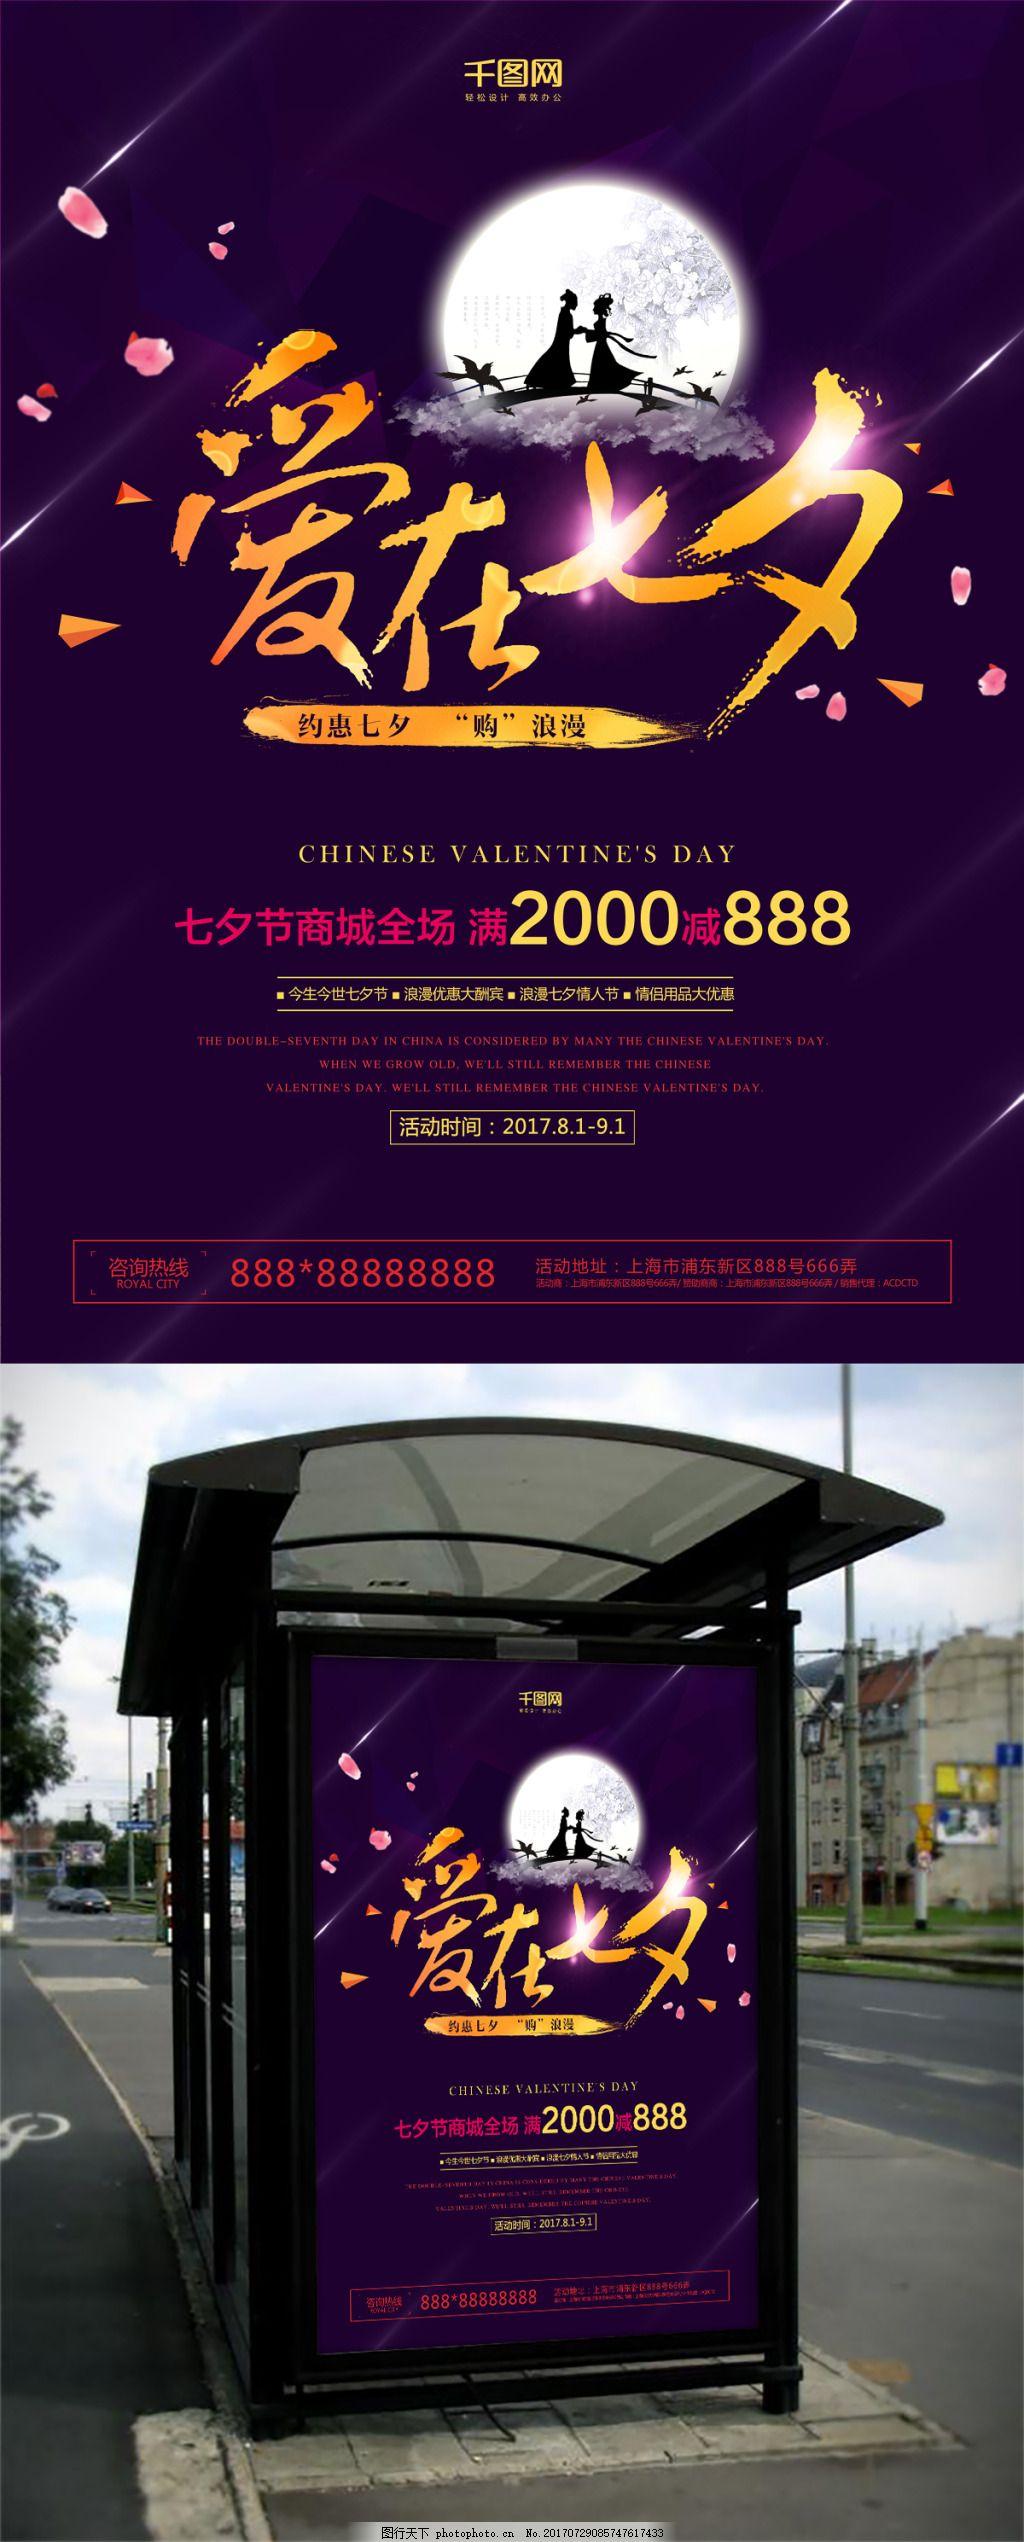 七夕七夕节爱在七夕浪漫促销购物海报